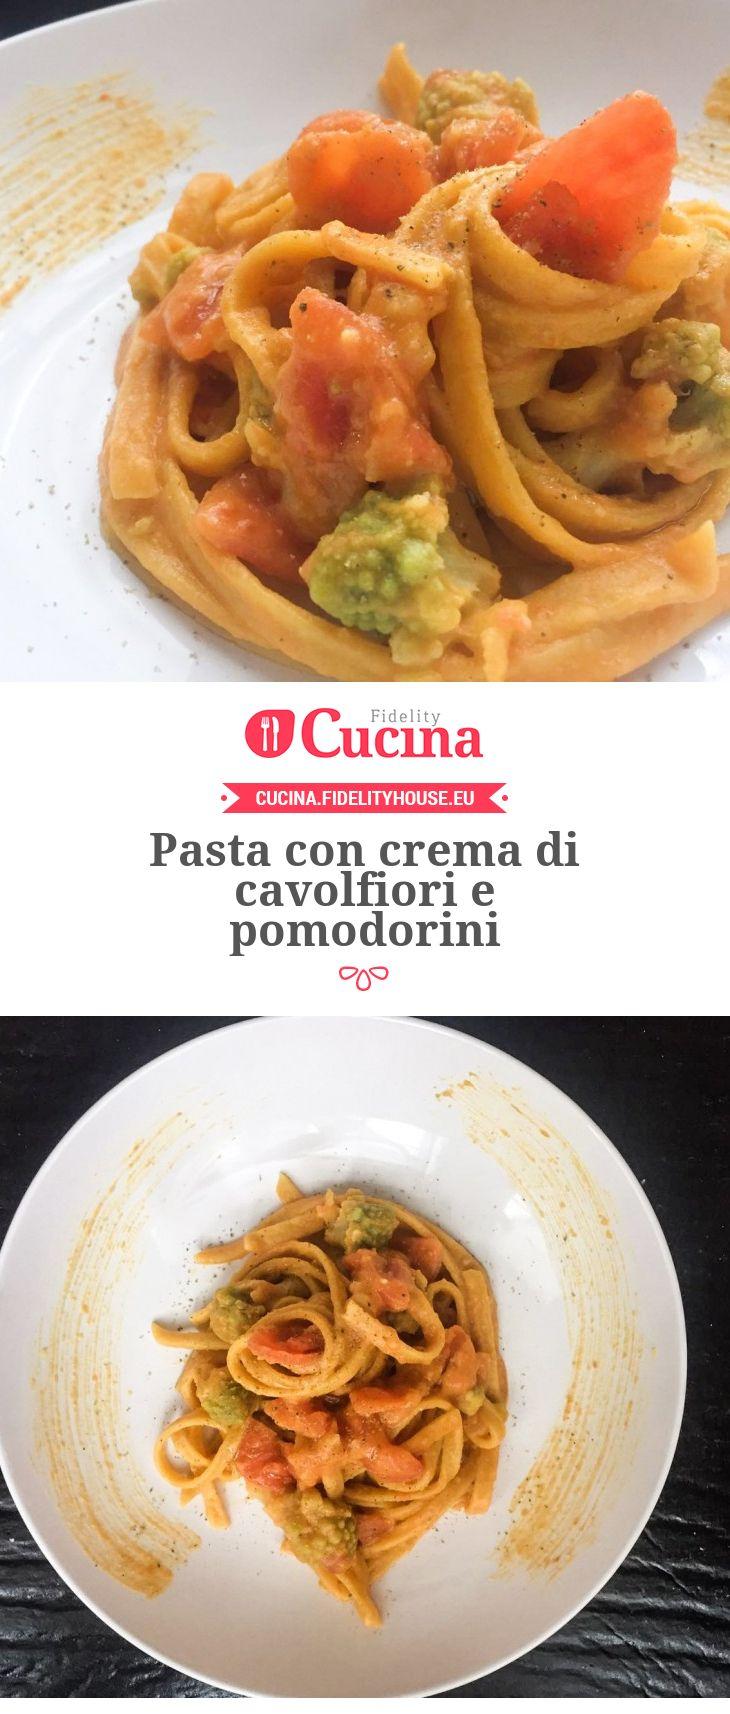 Pasta con crema di cavolfiori e pomodorini della nostra utente Fabiola. Unisciti alla nostra Community ed invia le tue ricette!